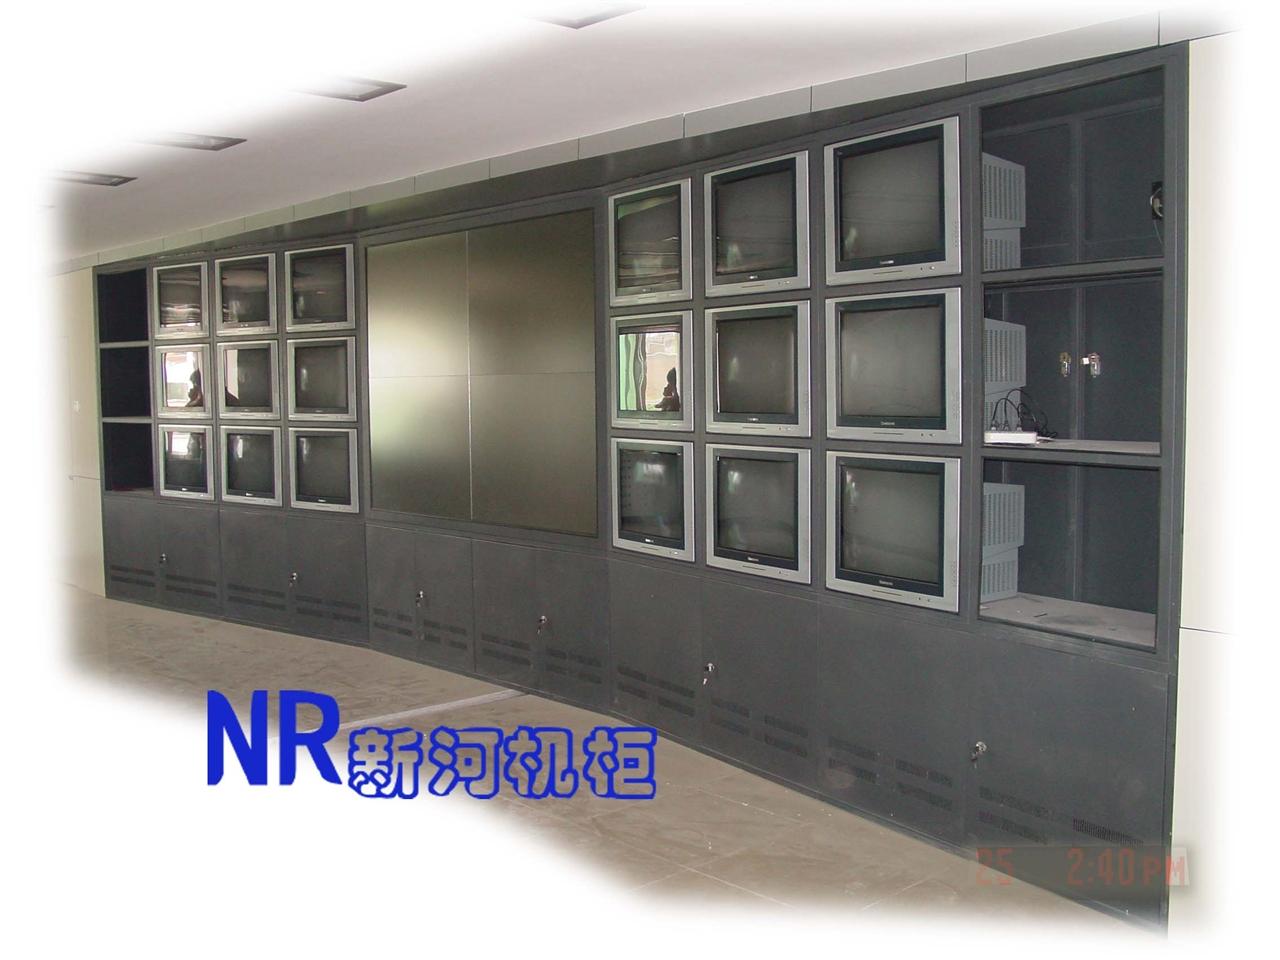 弧形电视墙